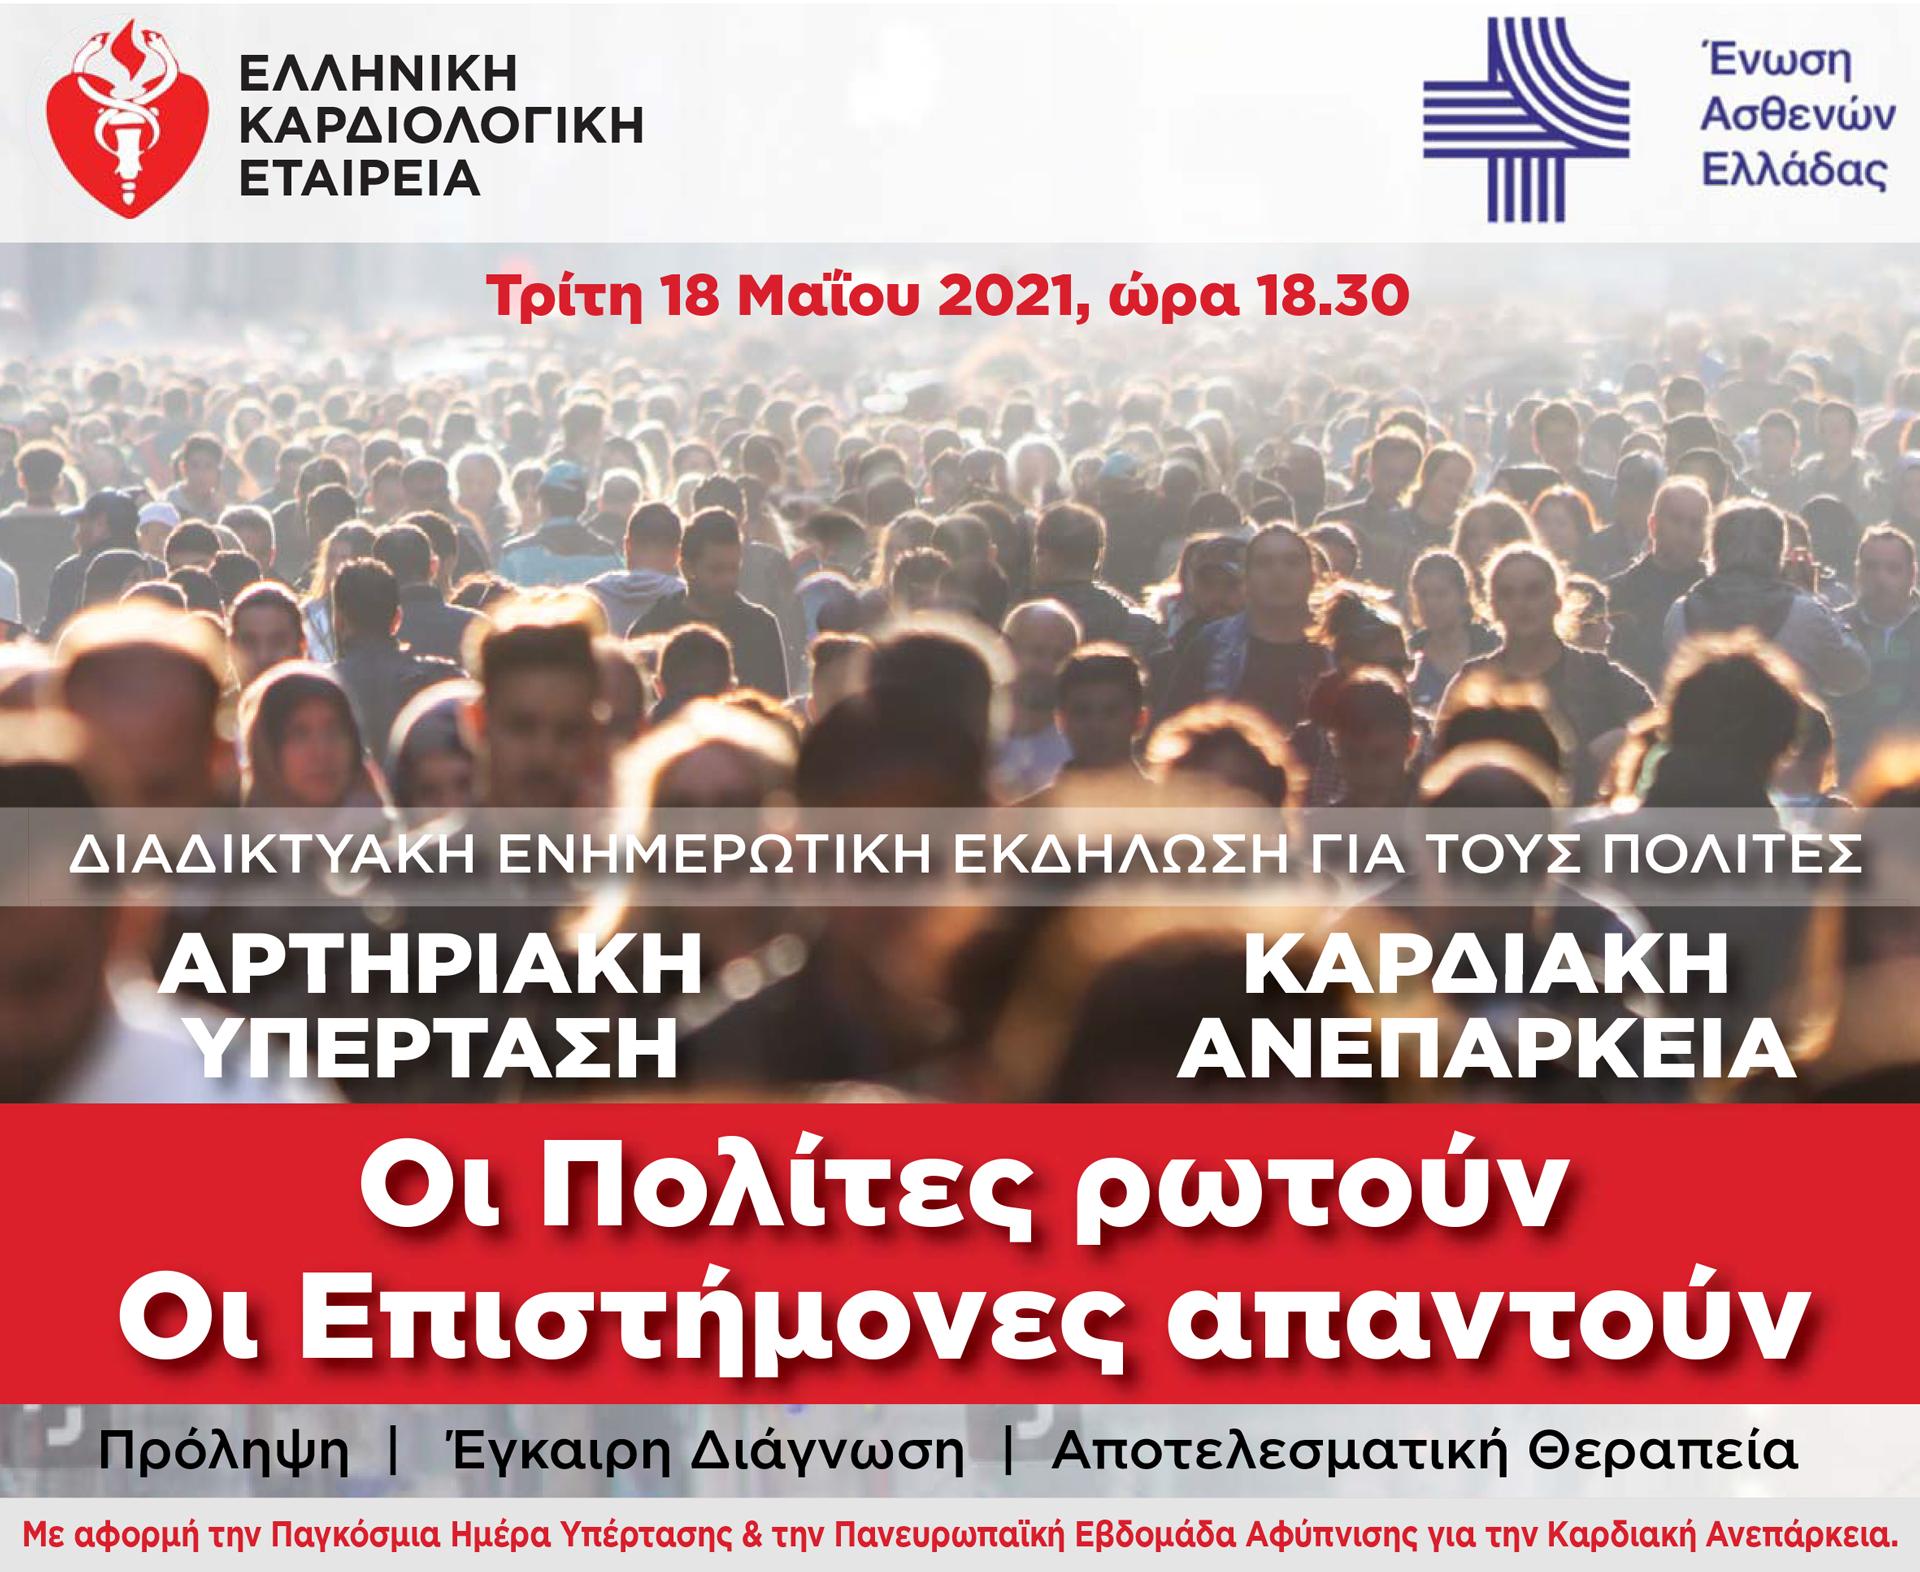 Συνεργασία Ελληνικής Καρδιολογικής Εταιρείας και Ένωσης Ασθενών Ελλάδας